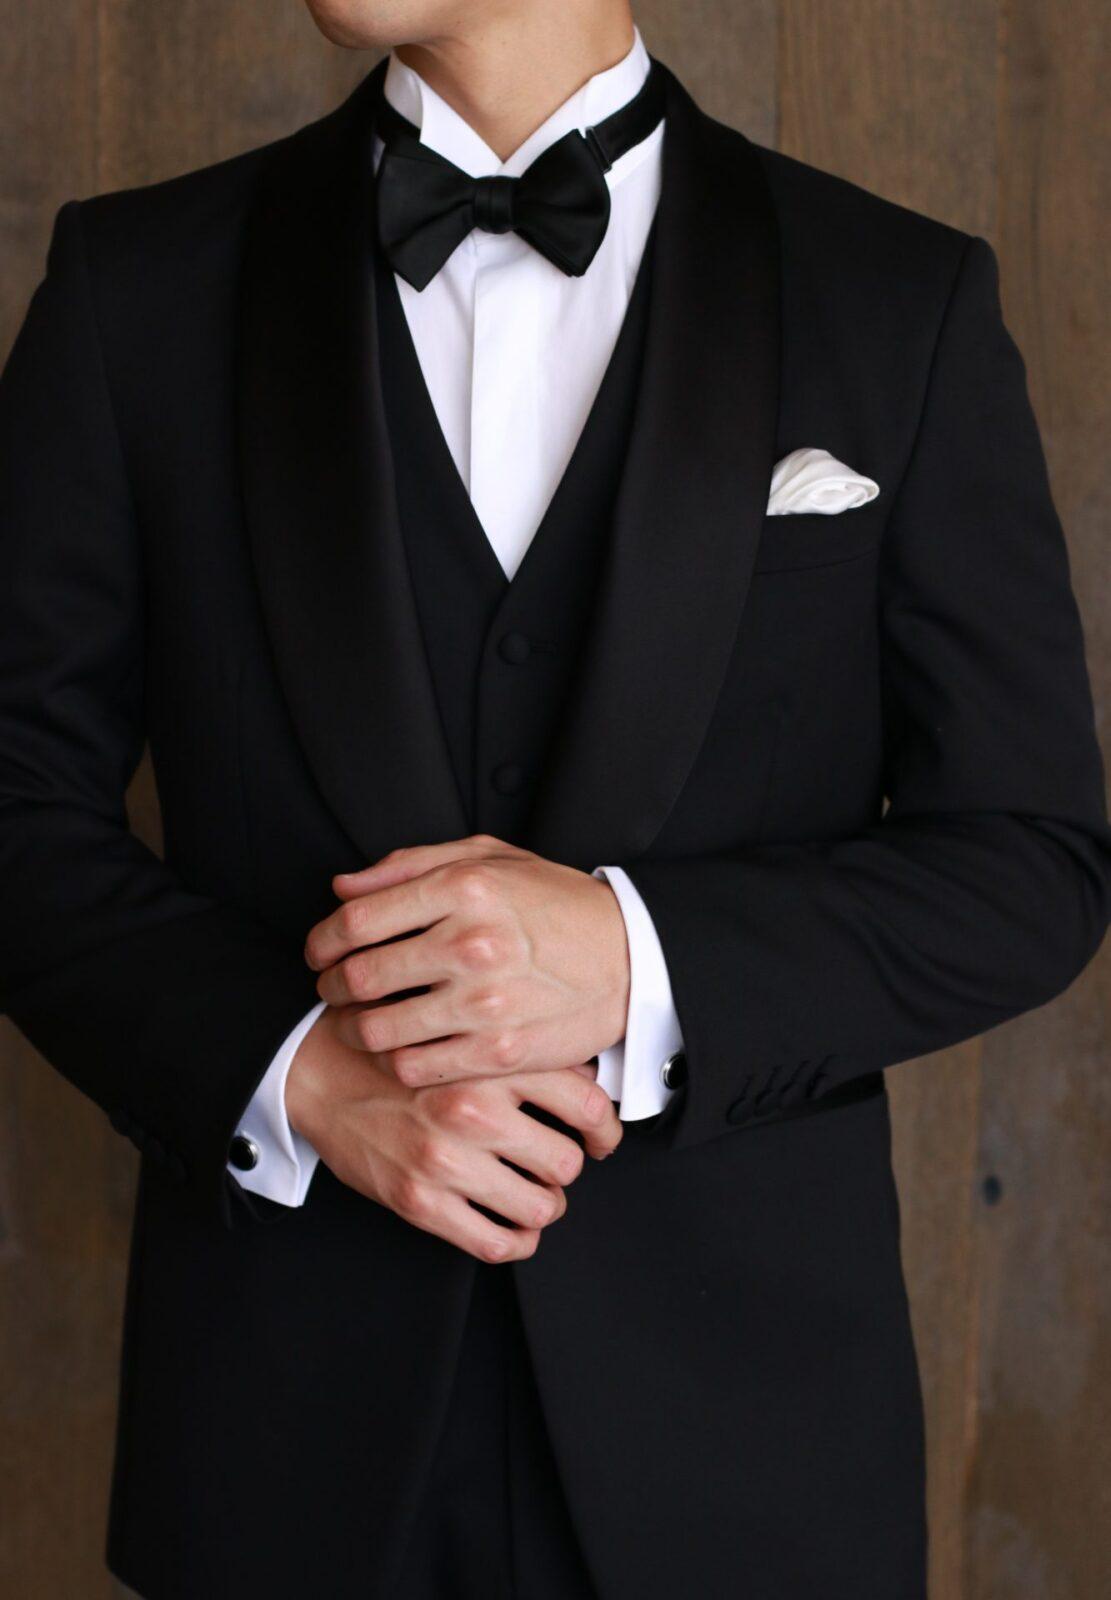 ブラックタイと呼ばれる男性の正礼装は紳士の嗜みであり、タキシードだけでなくタイやチーフ、カフリンクス、シューズを身に着けていただくことで花嫁をエスコートする際により一層美しく映えます